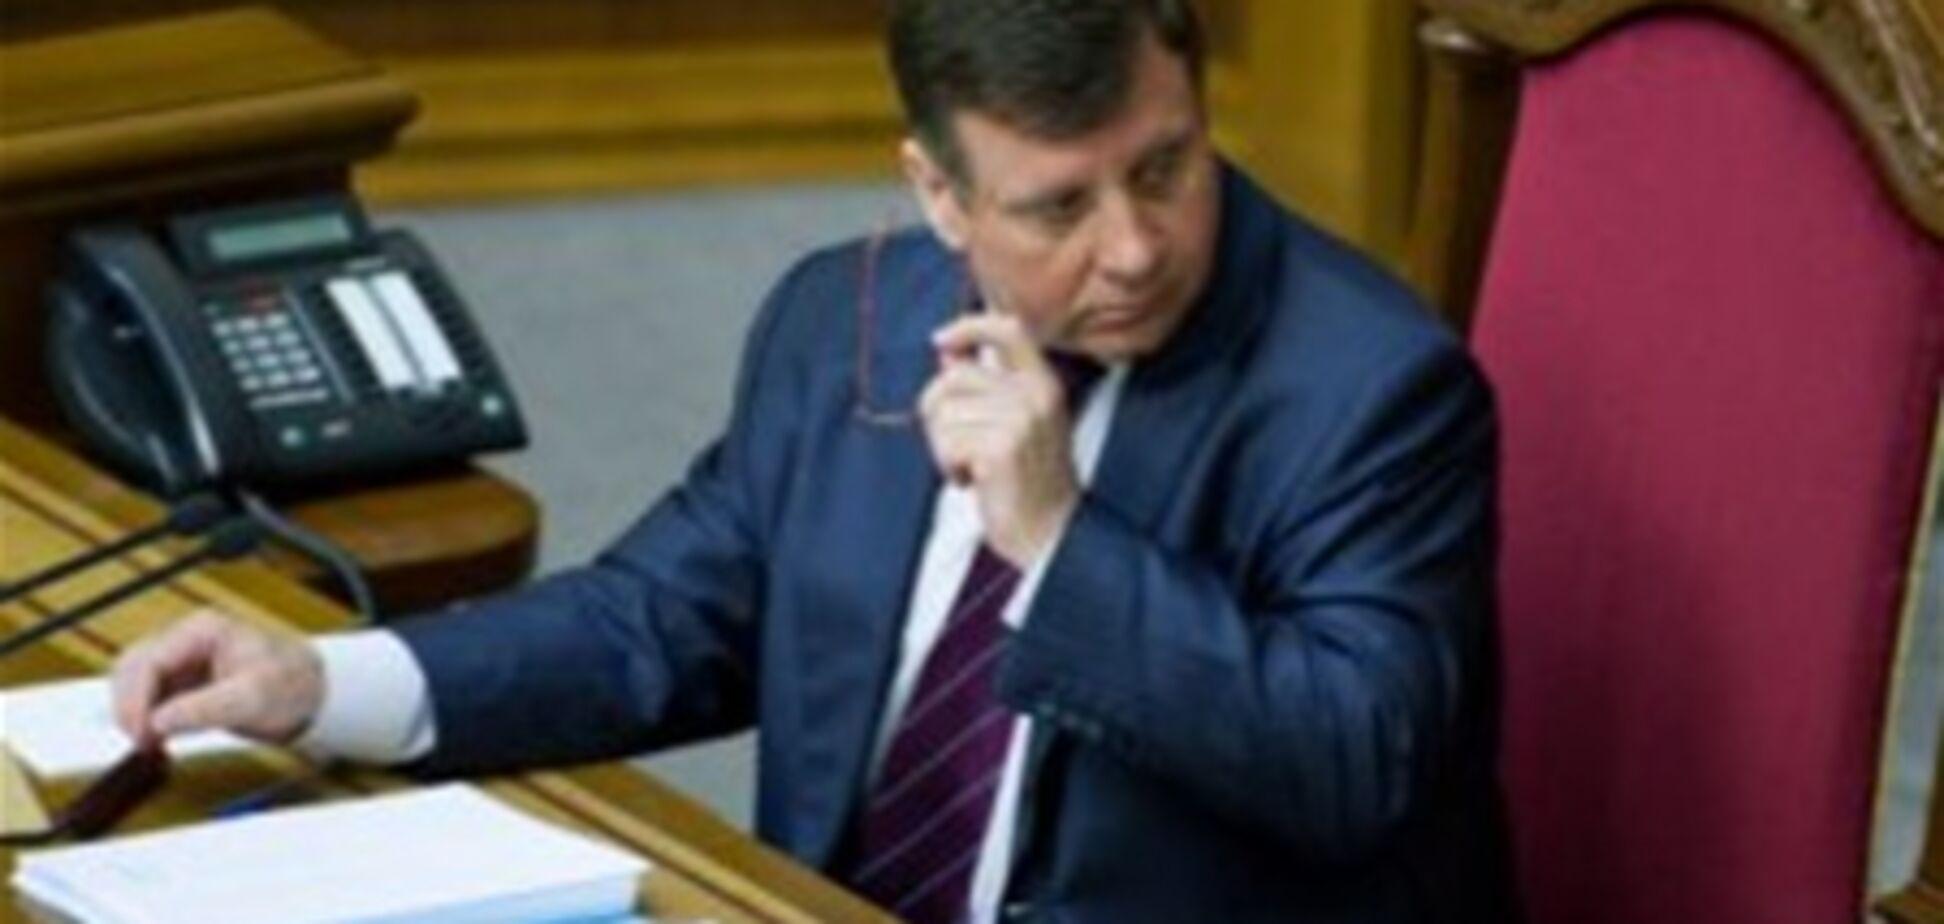 ПР: Мартынюк имеет право подписать языковой закон